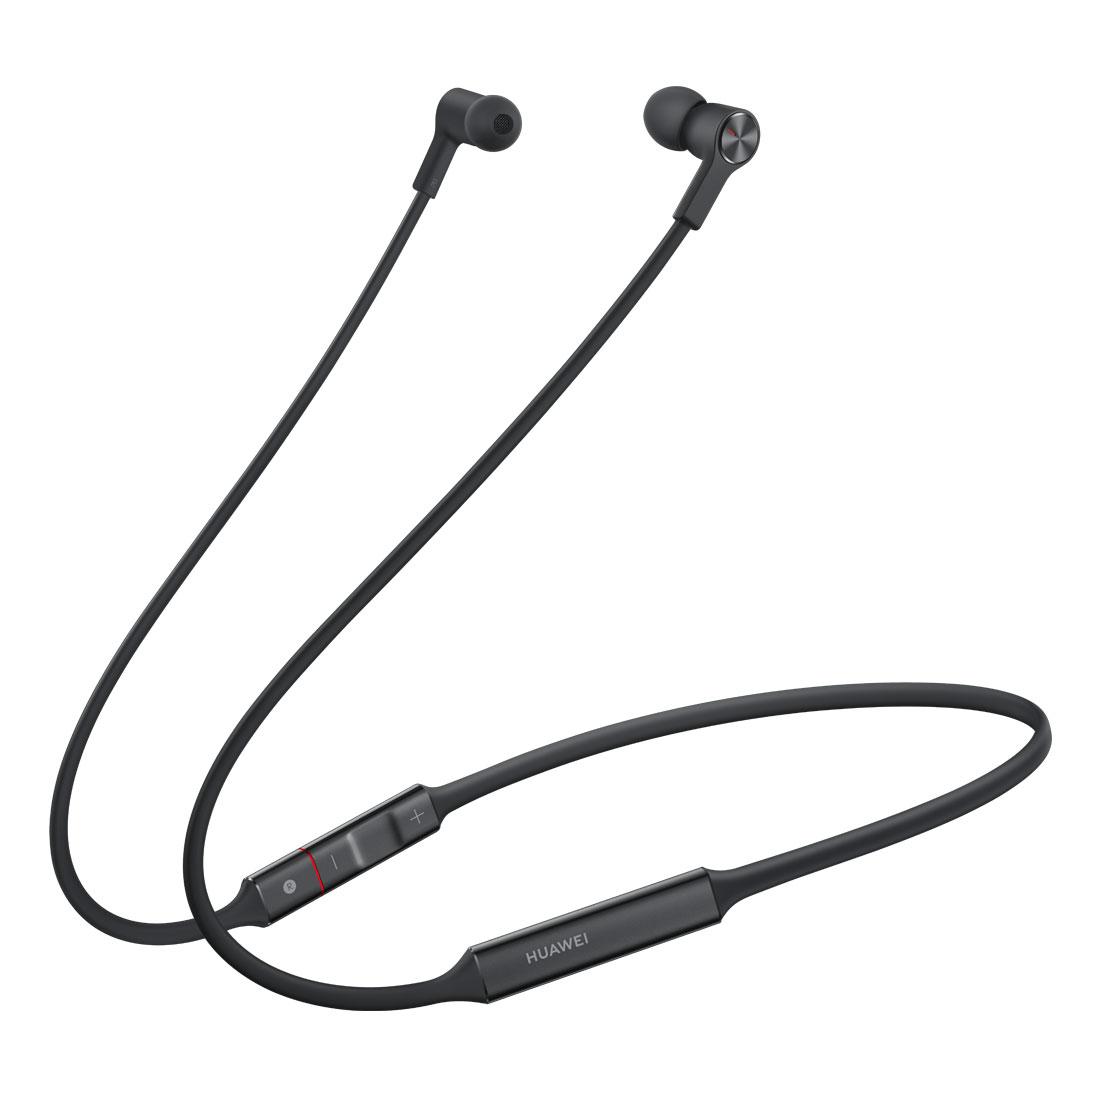 Huawei FreeLace Waterproof Wireless In-Ear Headphone - Graphite Black